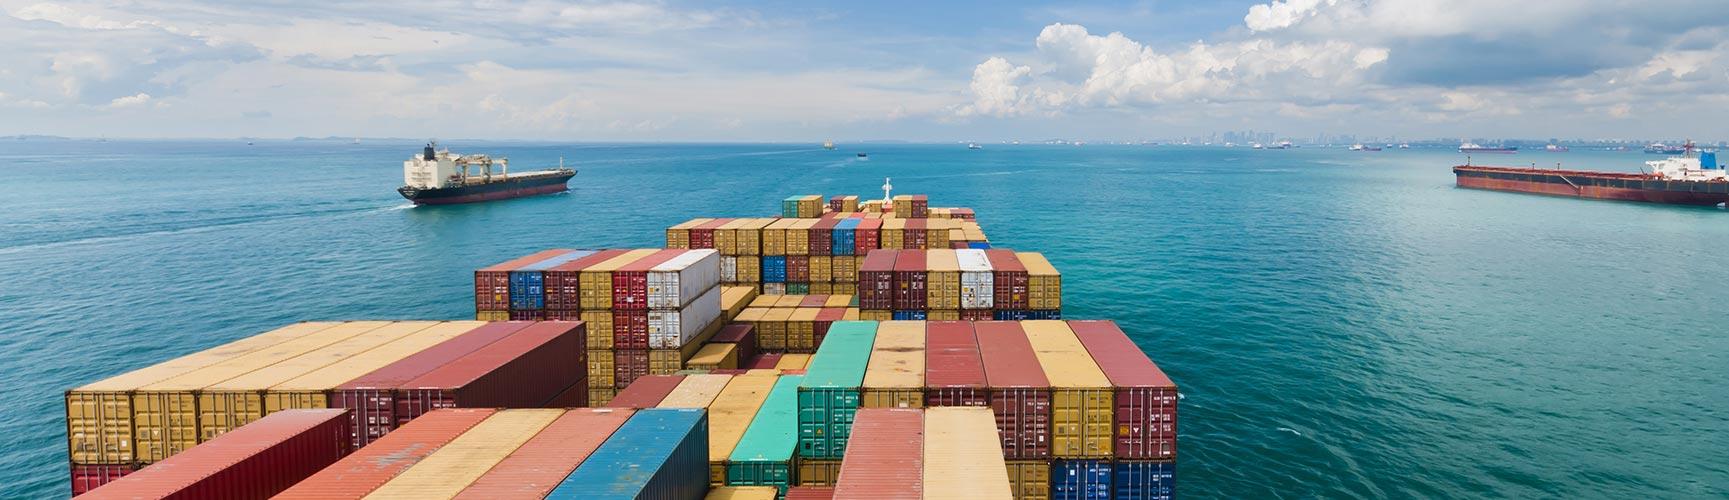 COVID19 e trasporti marittimi: i dati preoccupanti